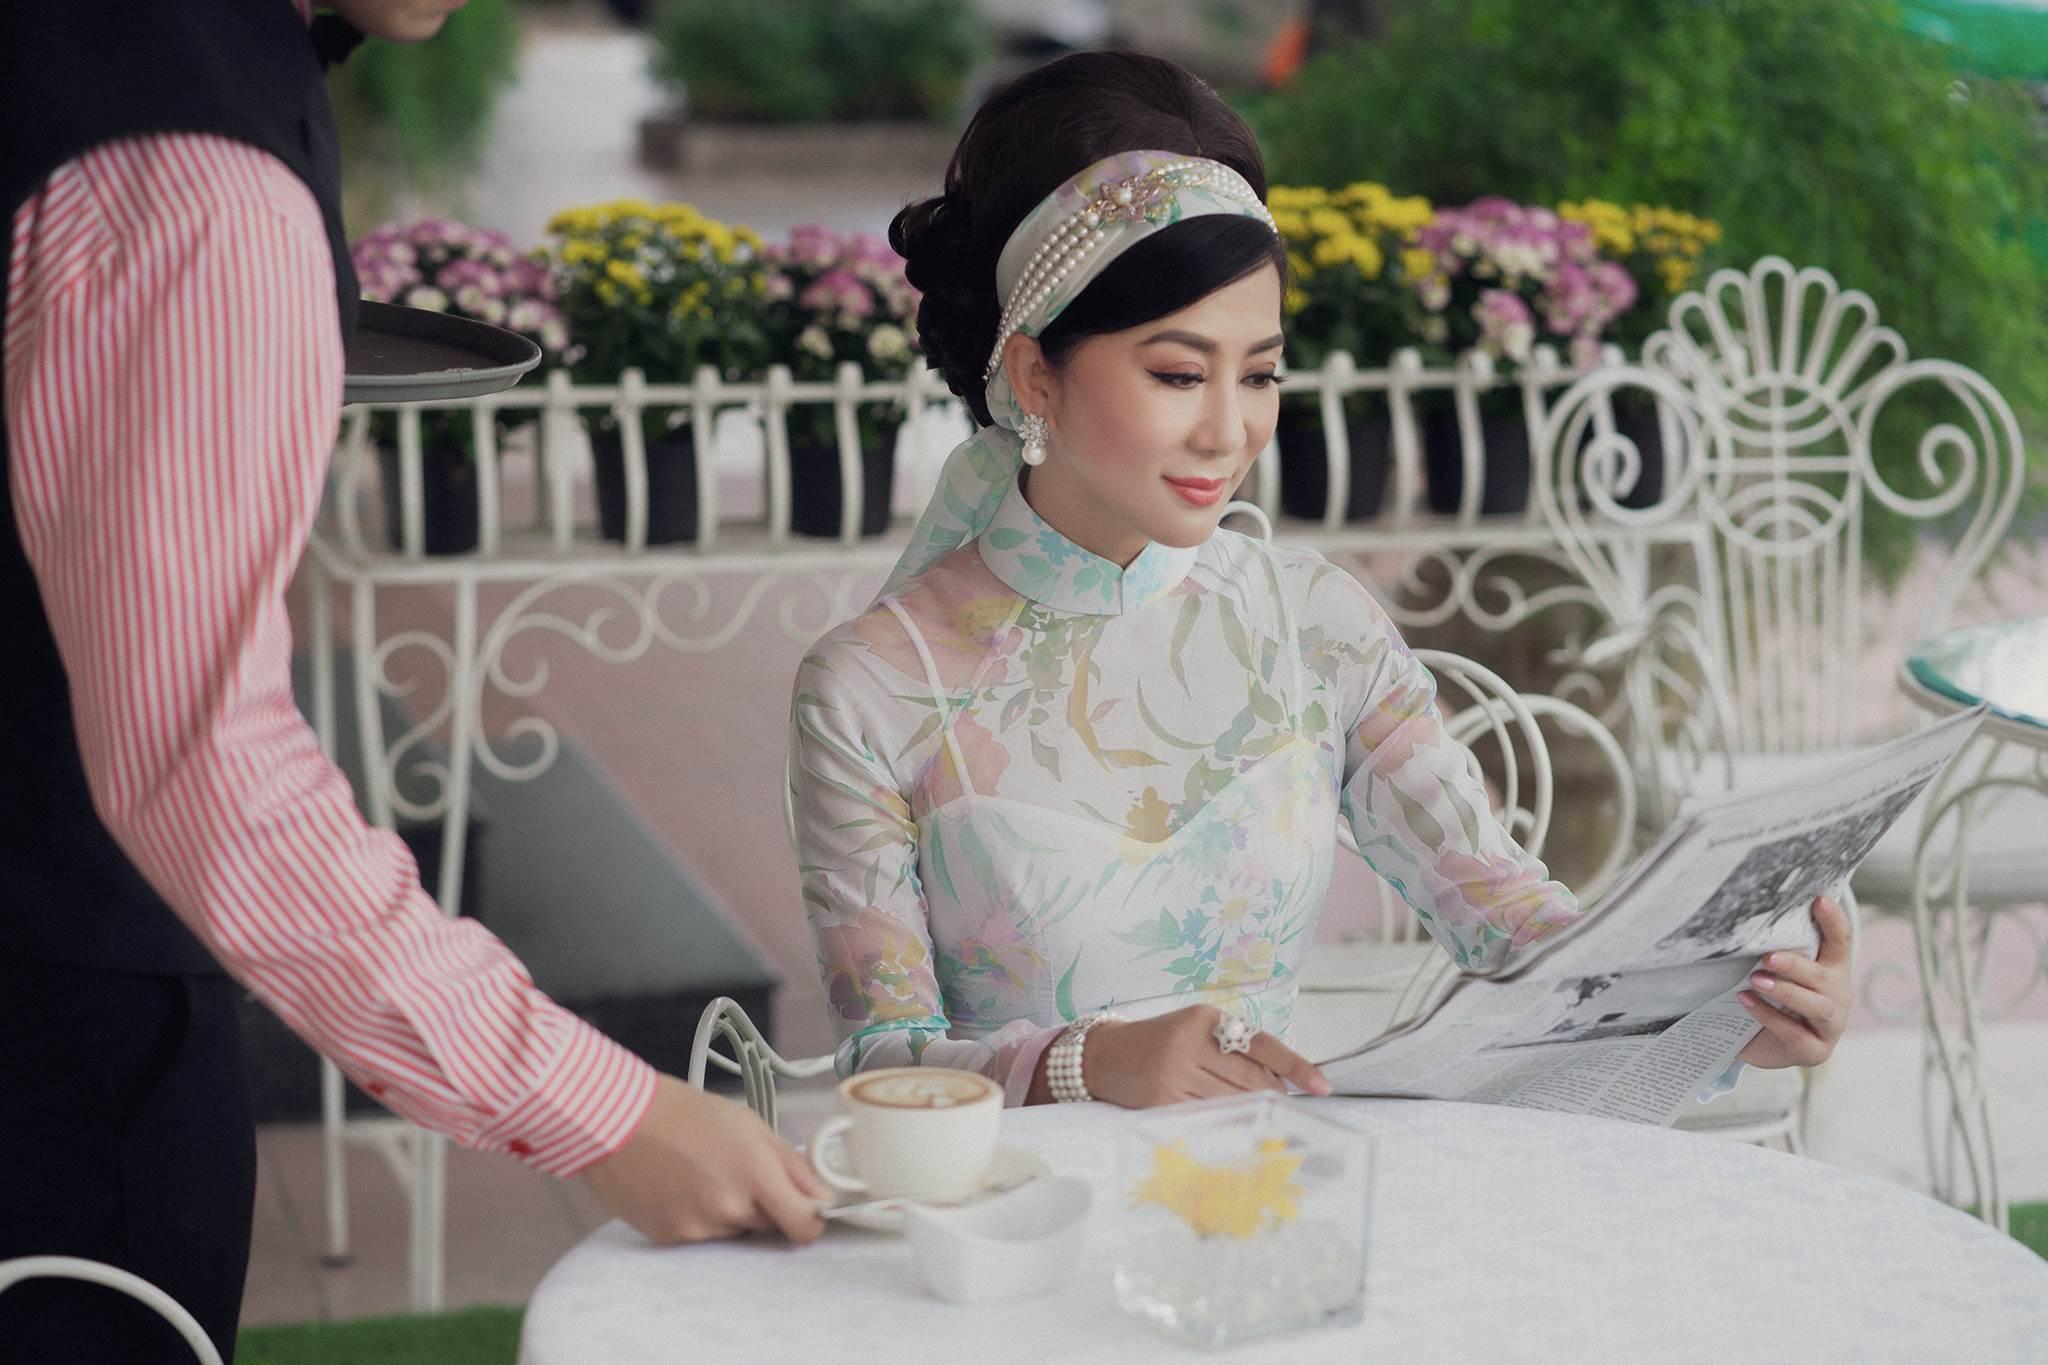 MC Kỳ Duyên tái hiện hình ảnh mẹ Đặng Tuyết Mai